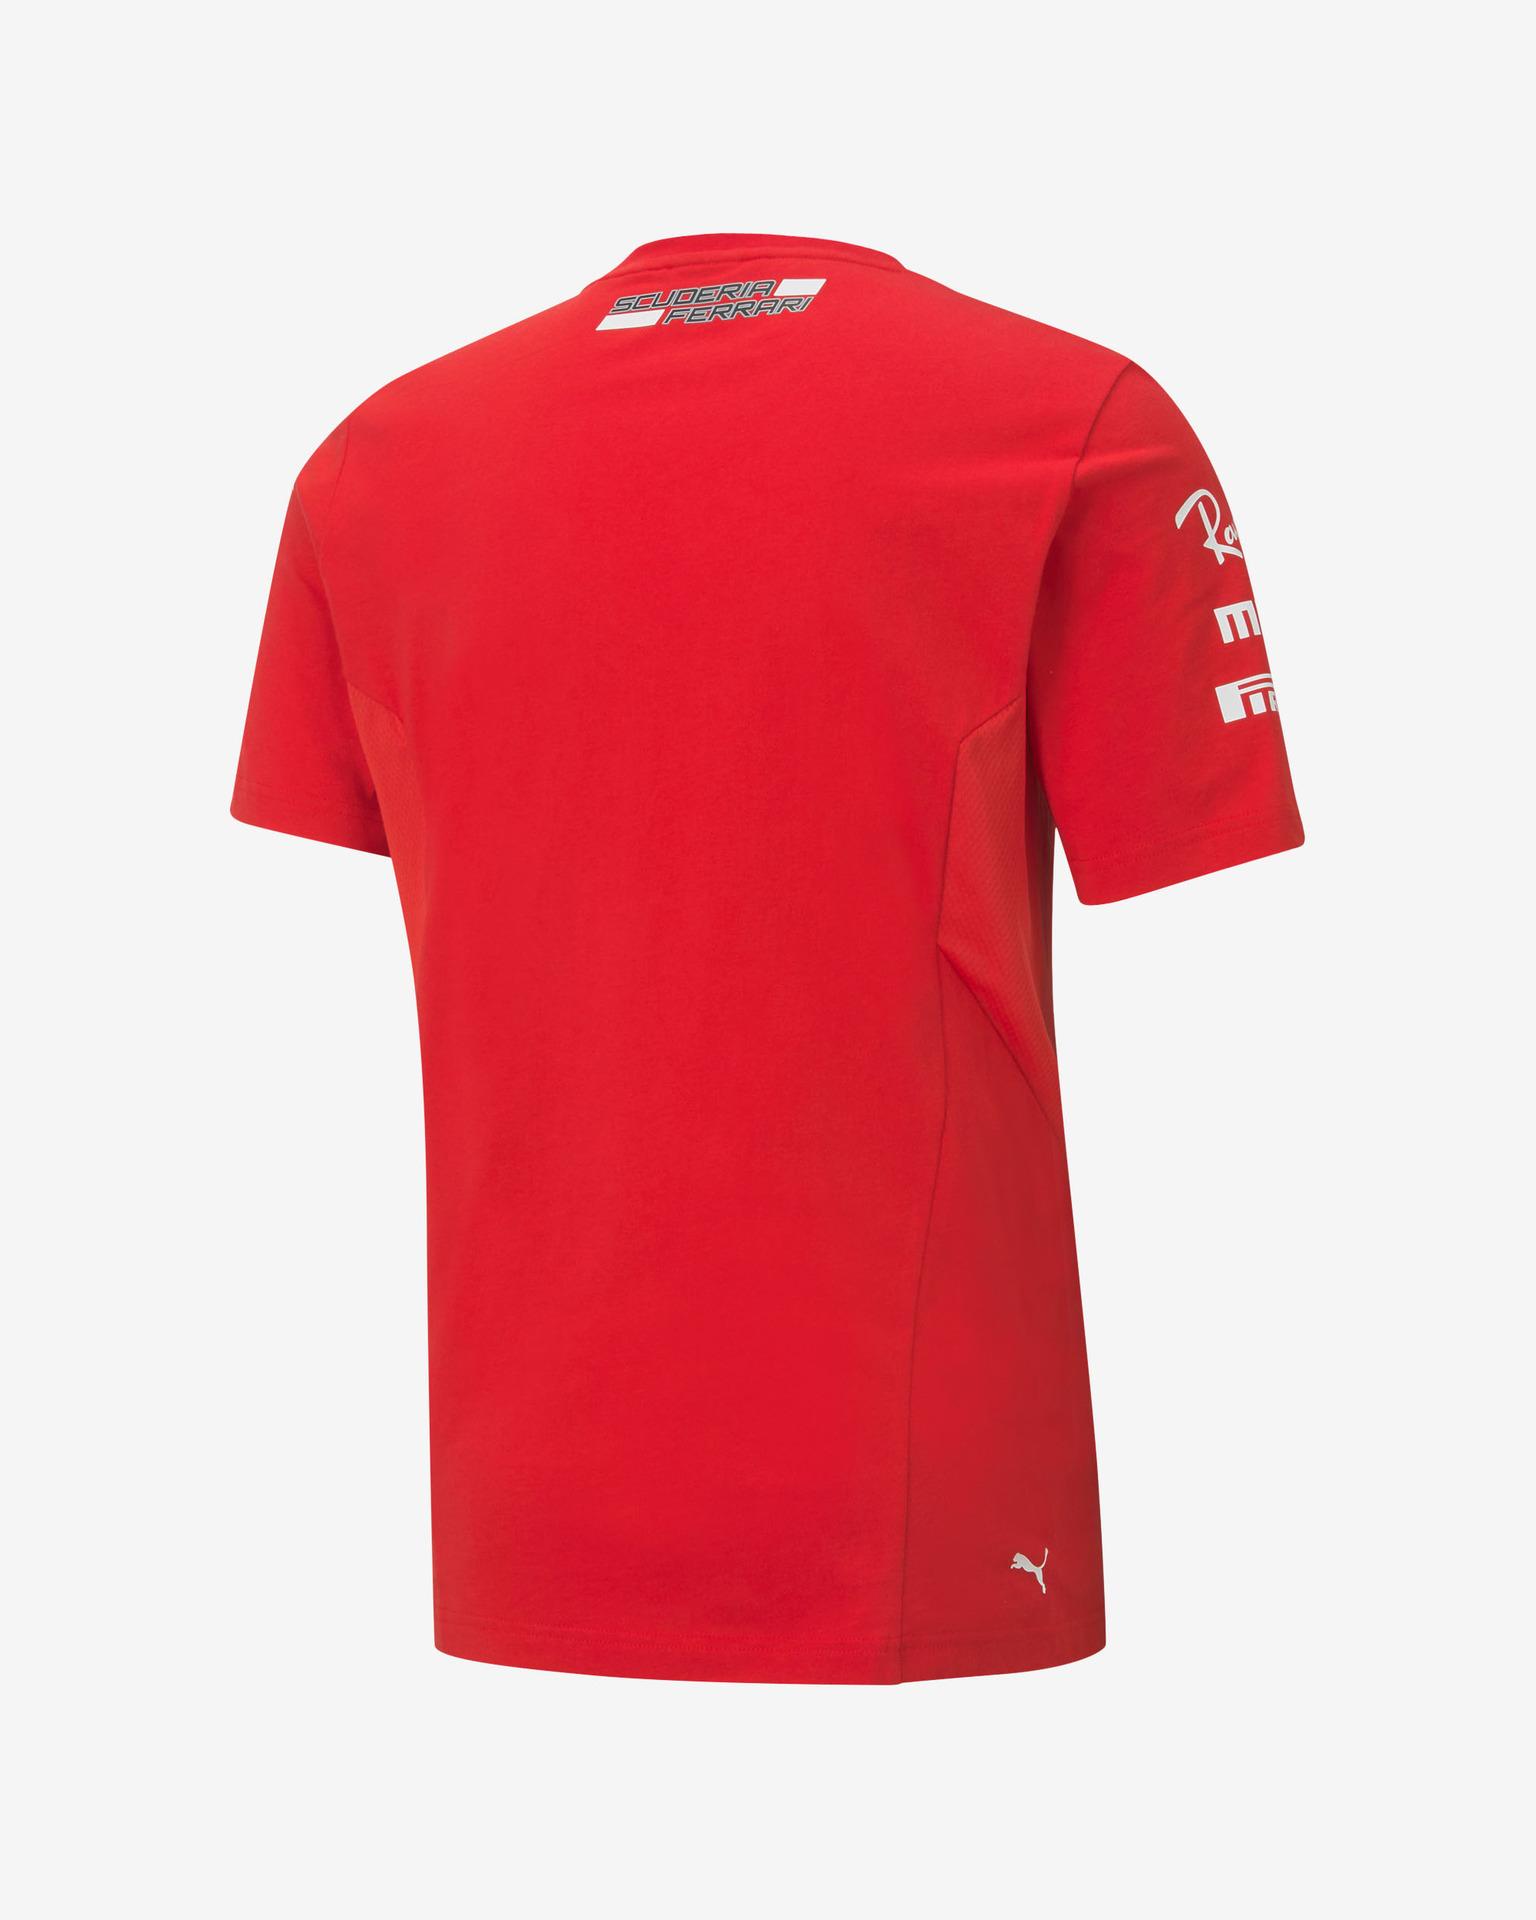 Puma Koszulka damska czerwony  SF